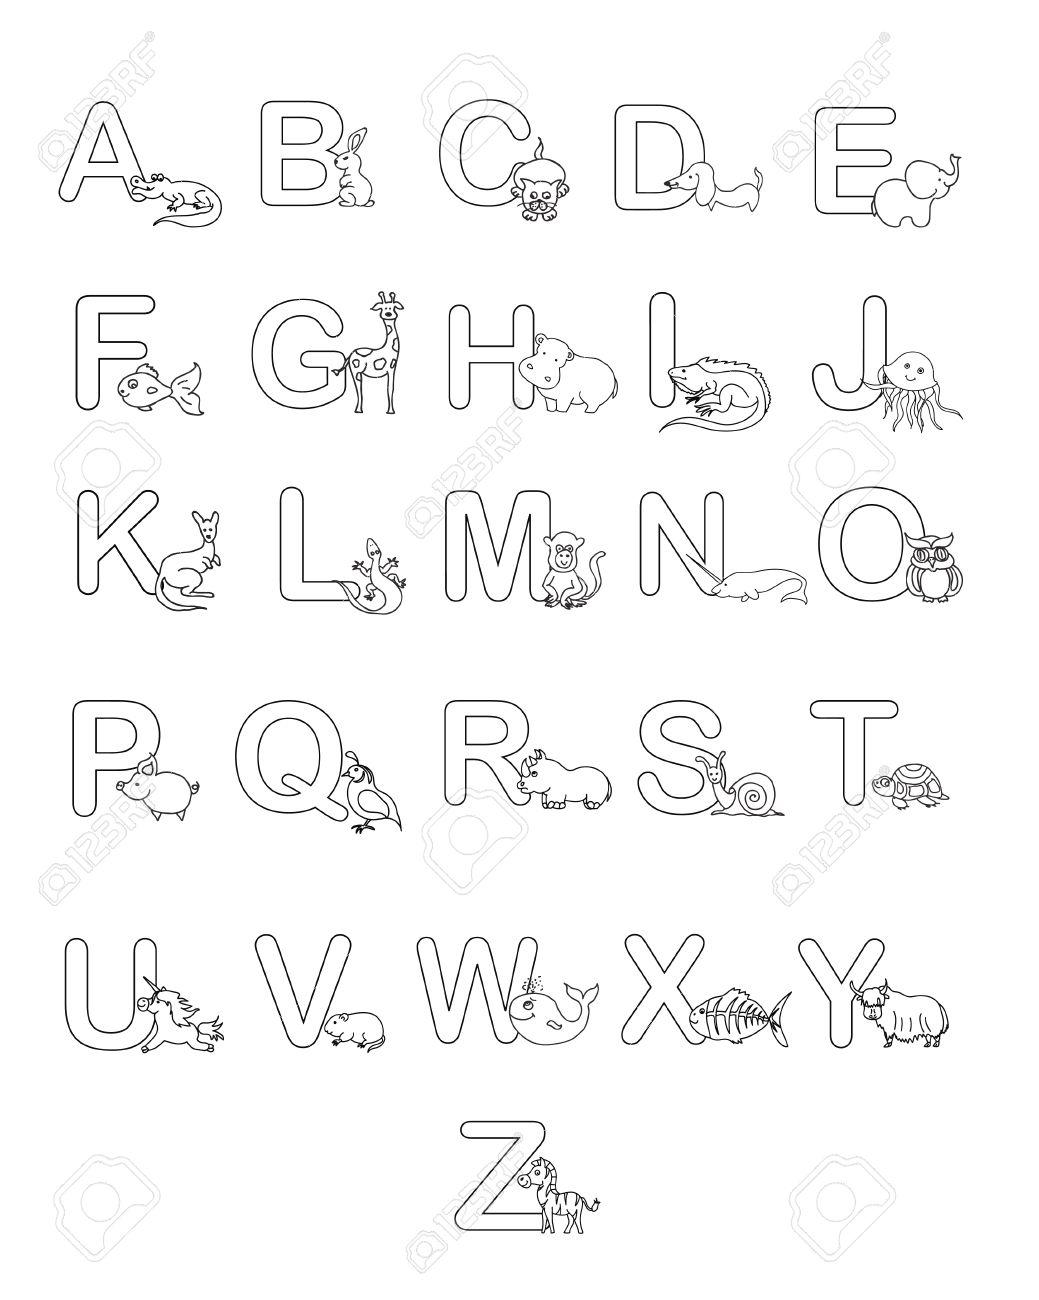 Diddl Kleurplaten Alfabet.10 Kleurplaten Alfabet Dieren Krijg Duizenden Kleurenfoto S Van De